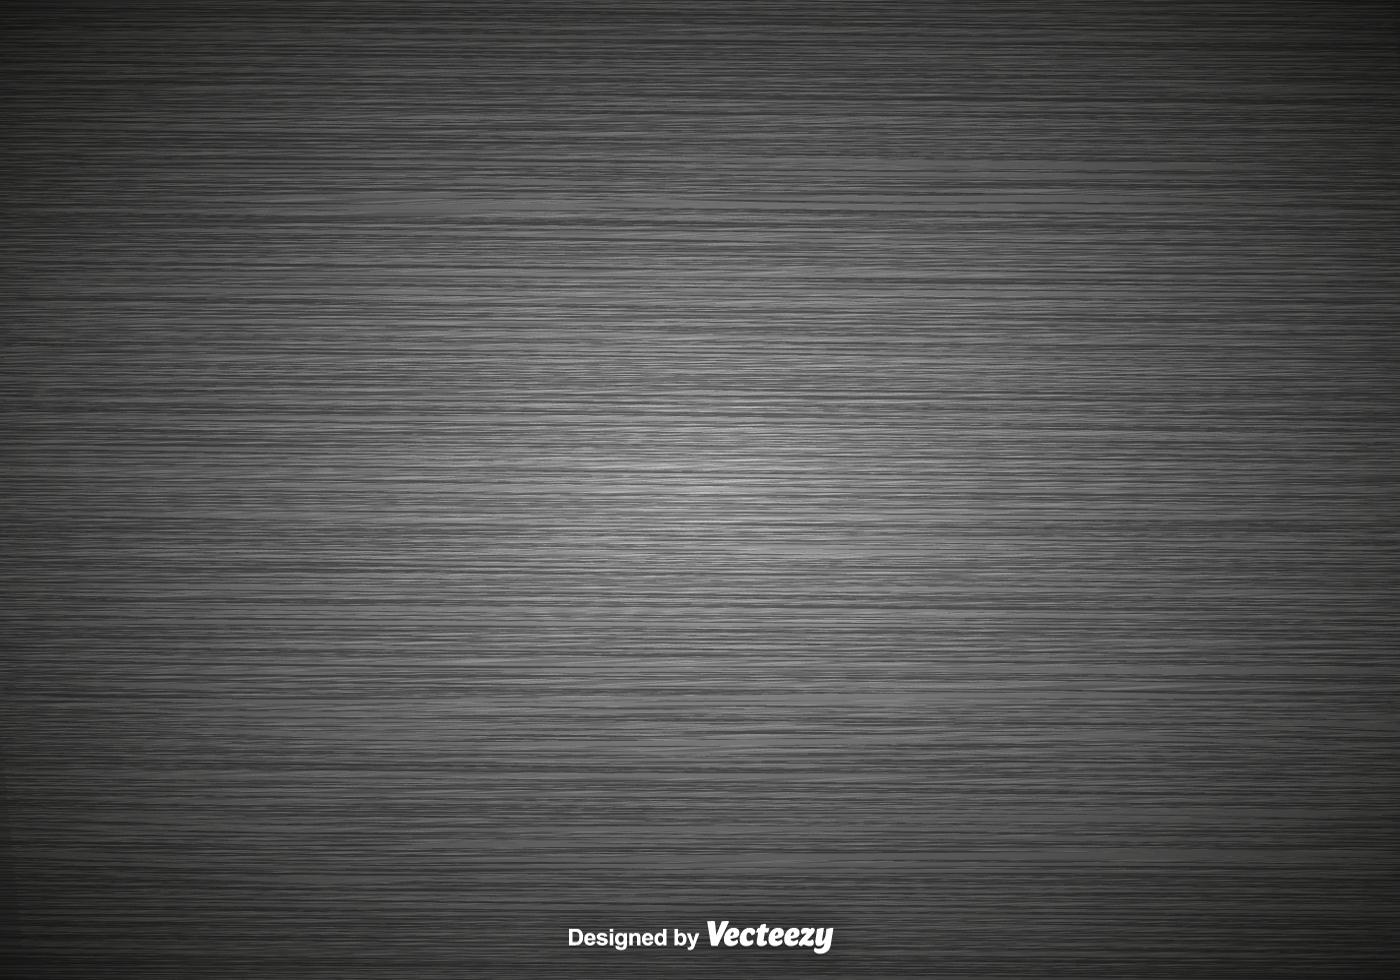 Vector Gray Wood Texture Download Free Vector Art Stock